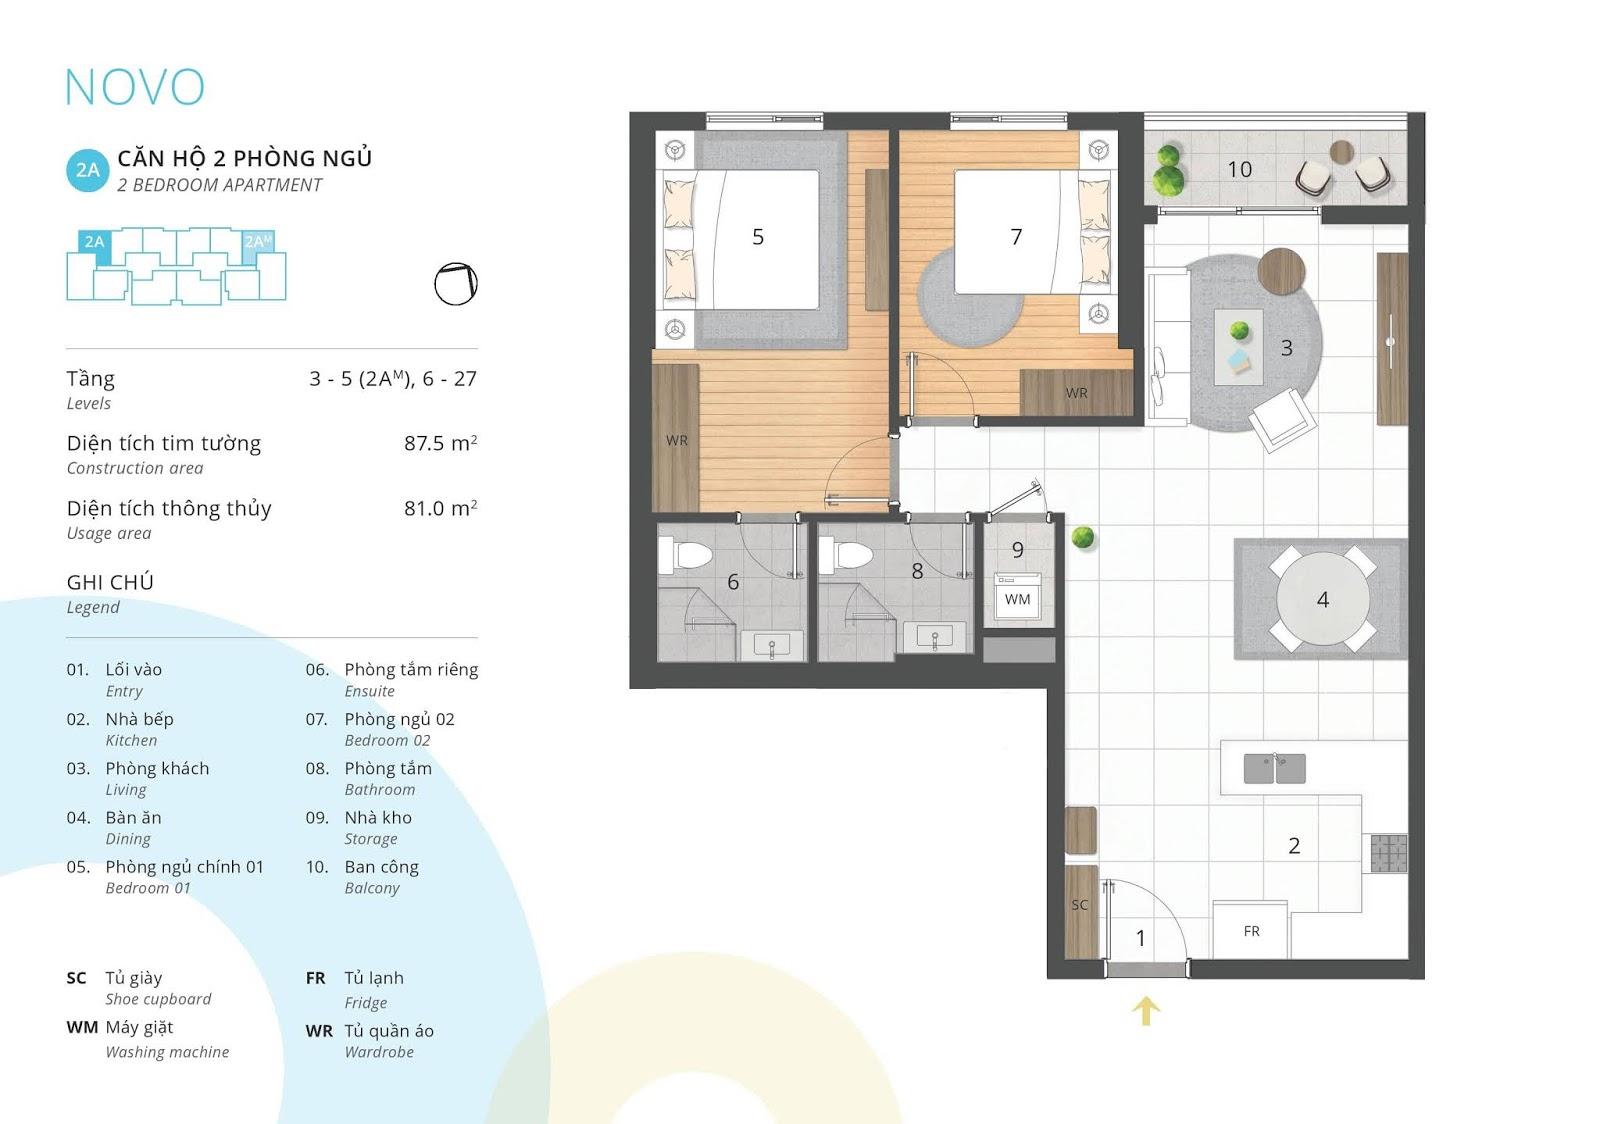 Mặt bằng căn hộ 2 phòng ngủ 81 m2 thông thủy tòa NOVO dự án Kosmo